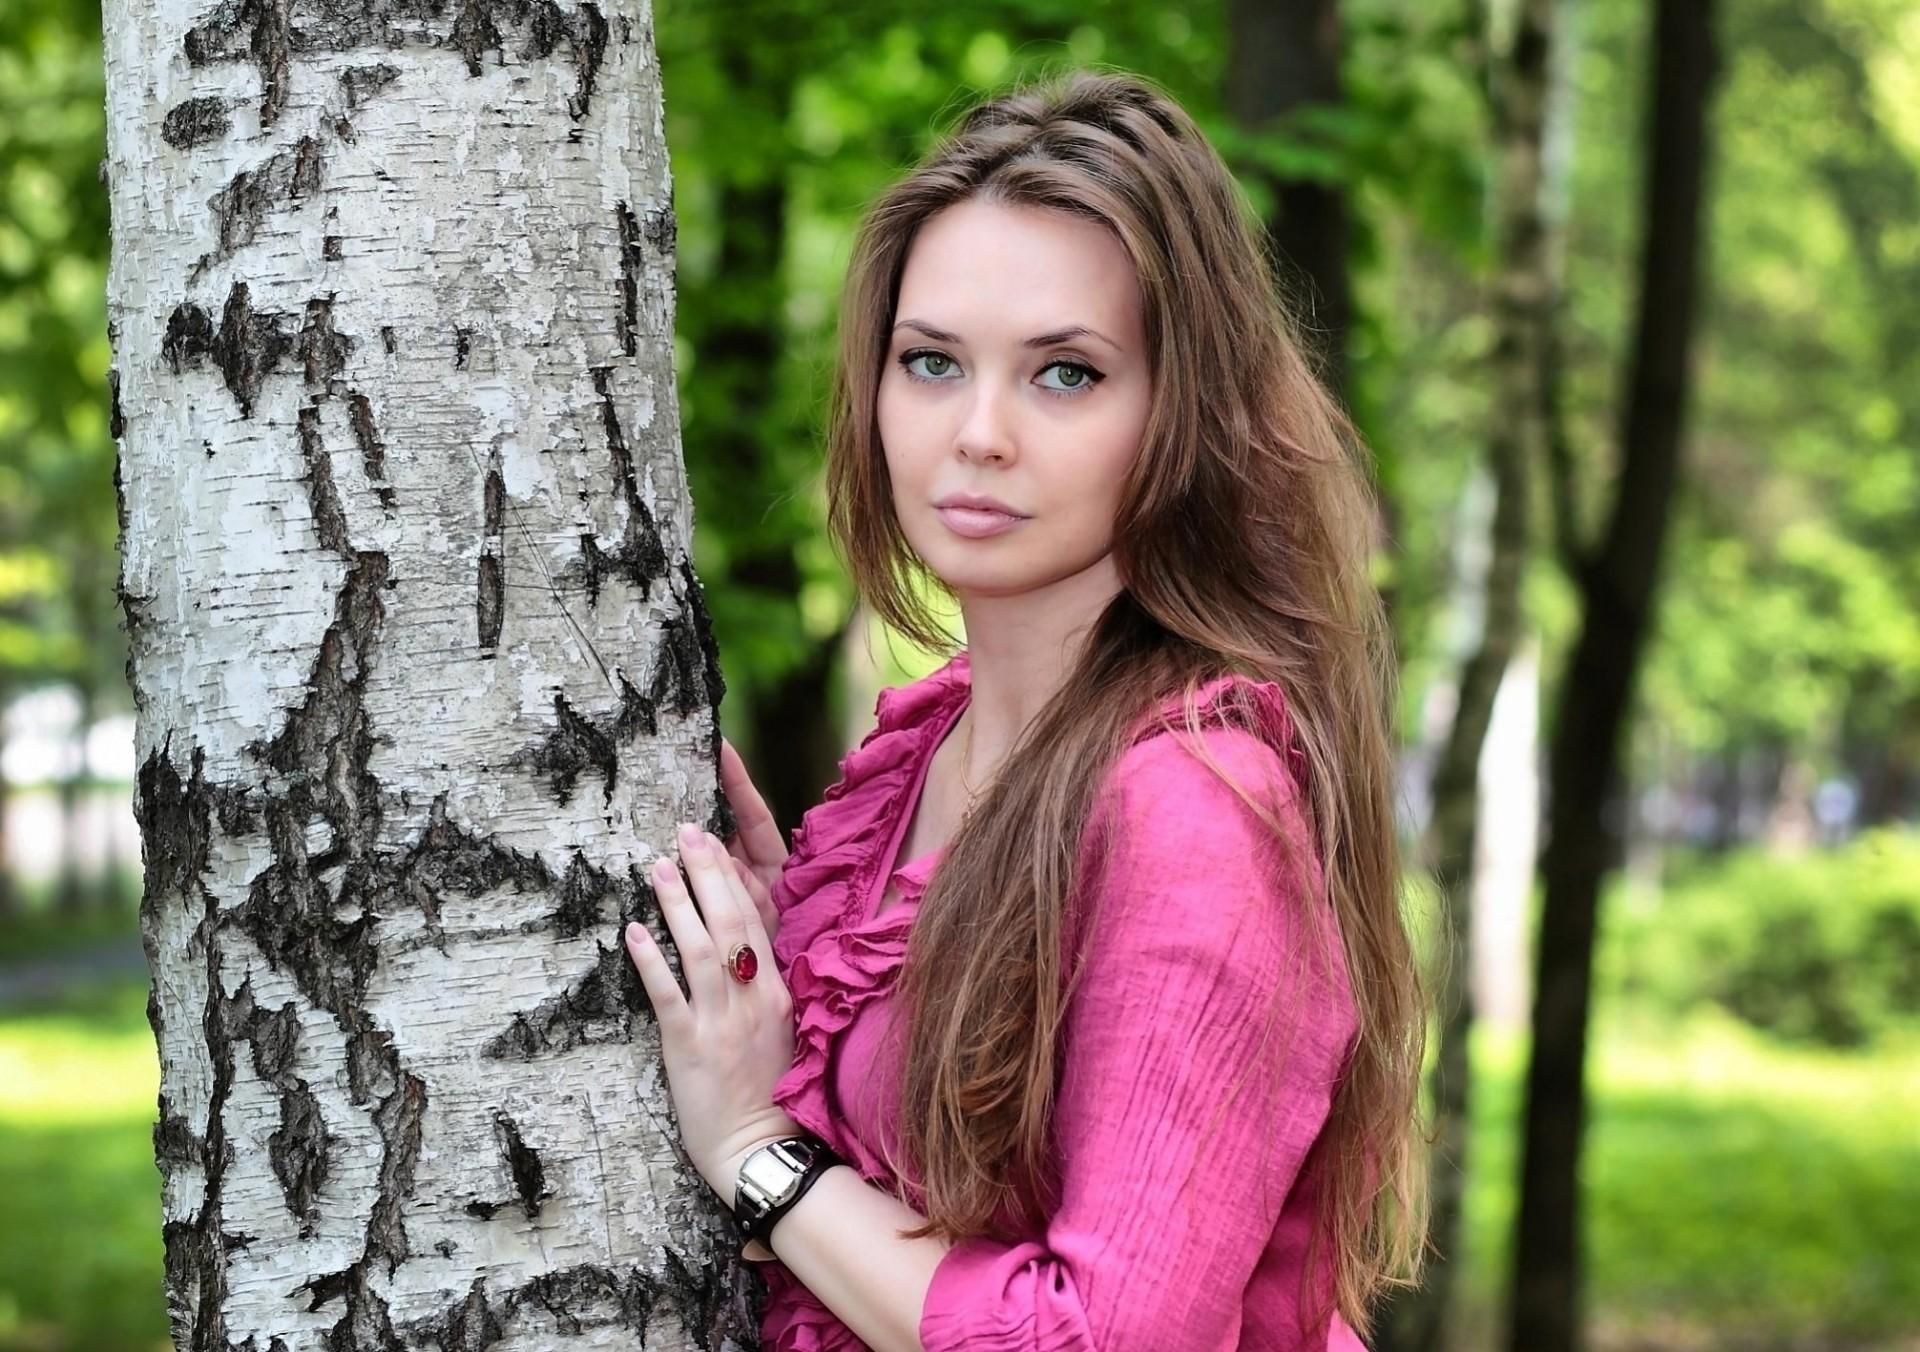 Фото галереи русских девушек, пока жена спит муж трахает подругу жена проснулась и присоединилась